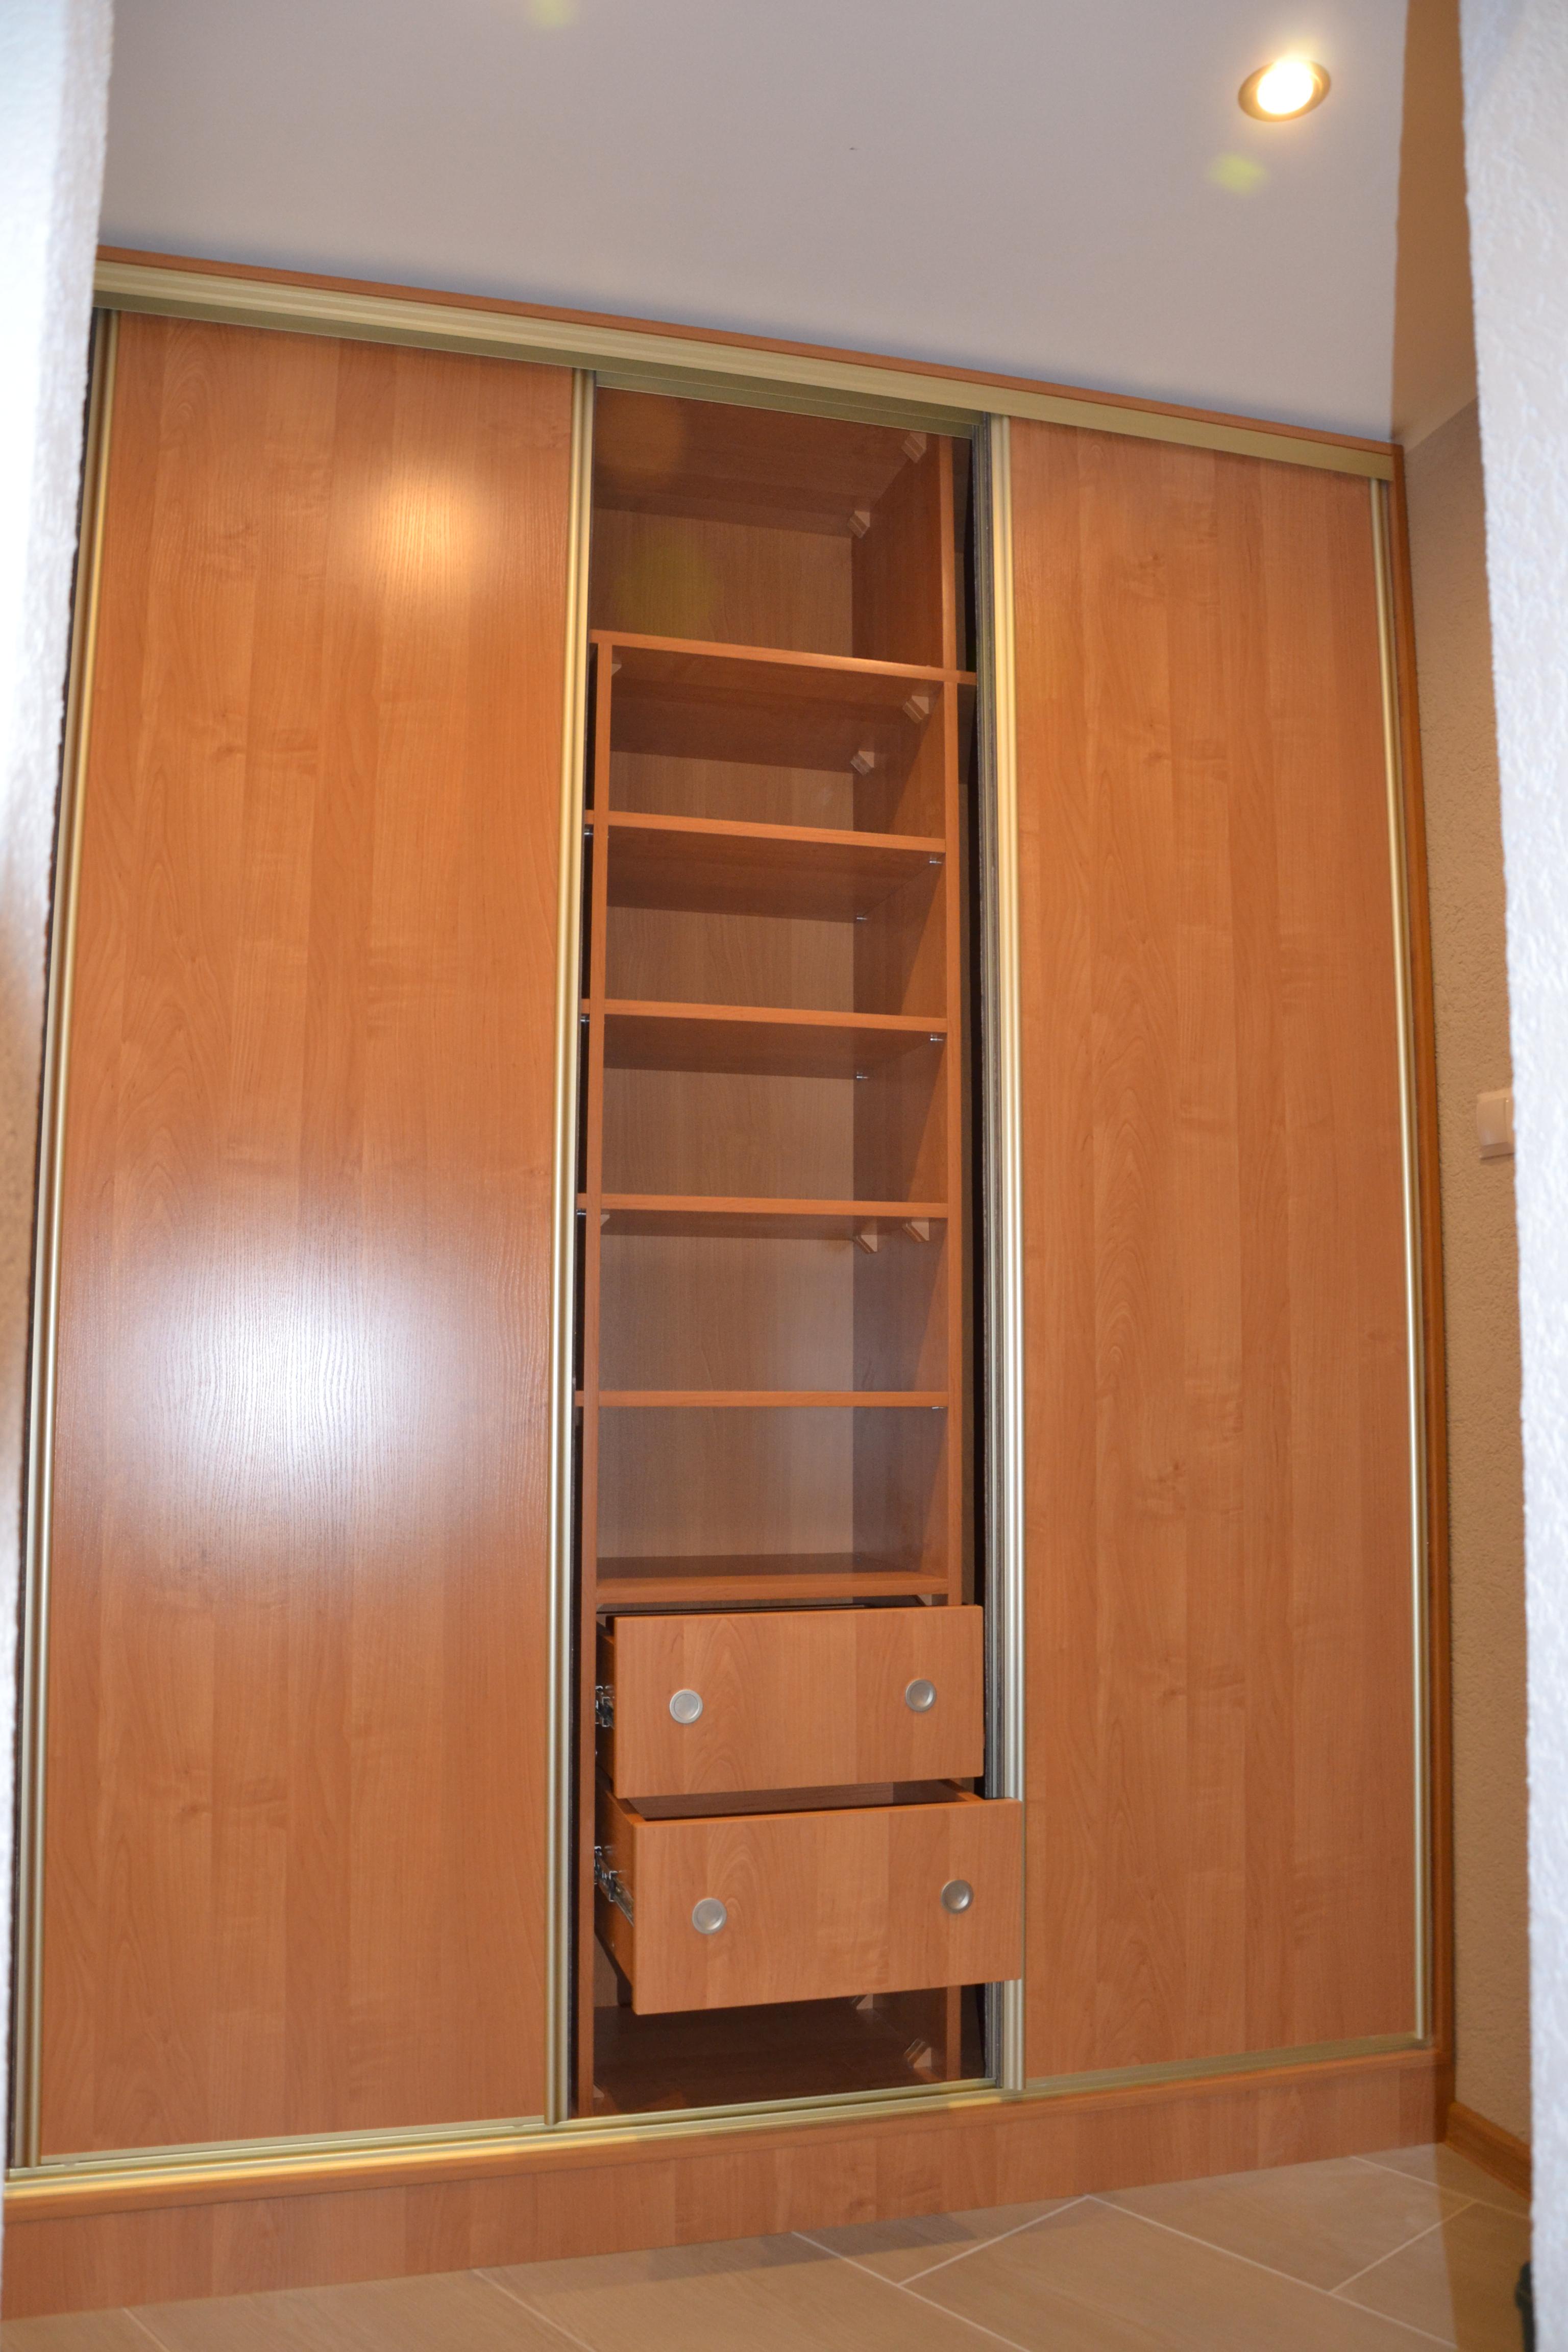 Wnętrze szafy z drzwiami przesuwnymi